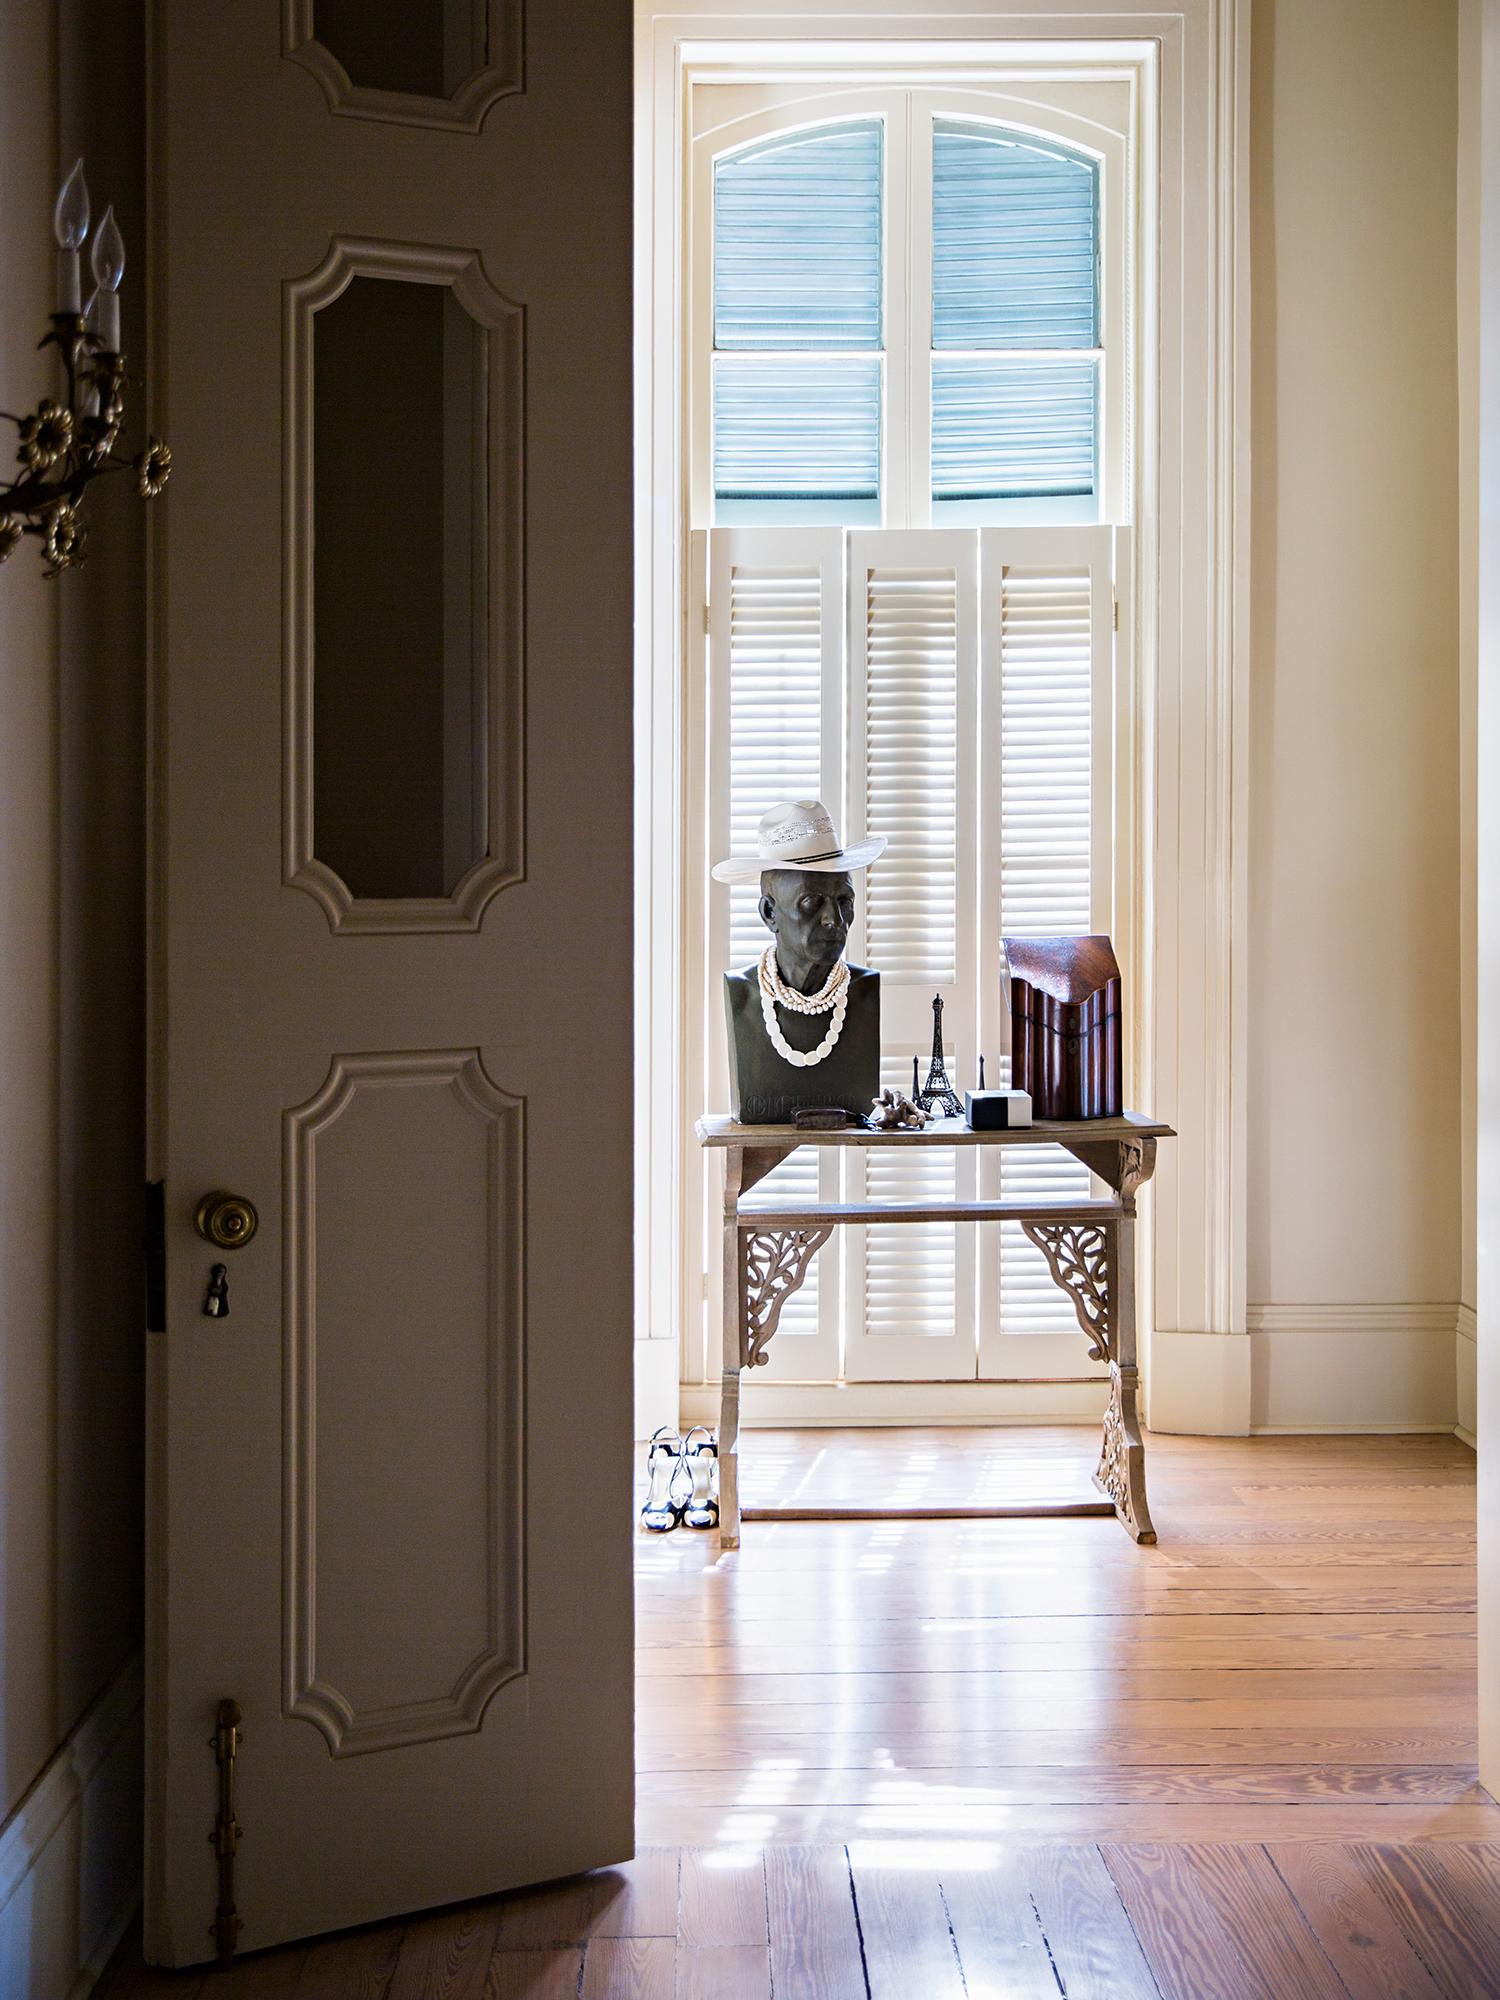 Interior Design by Sara Ruffin Costello | Architectural Digest